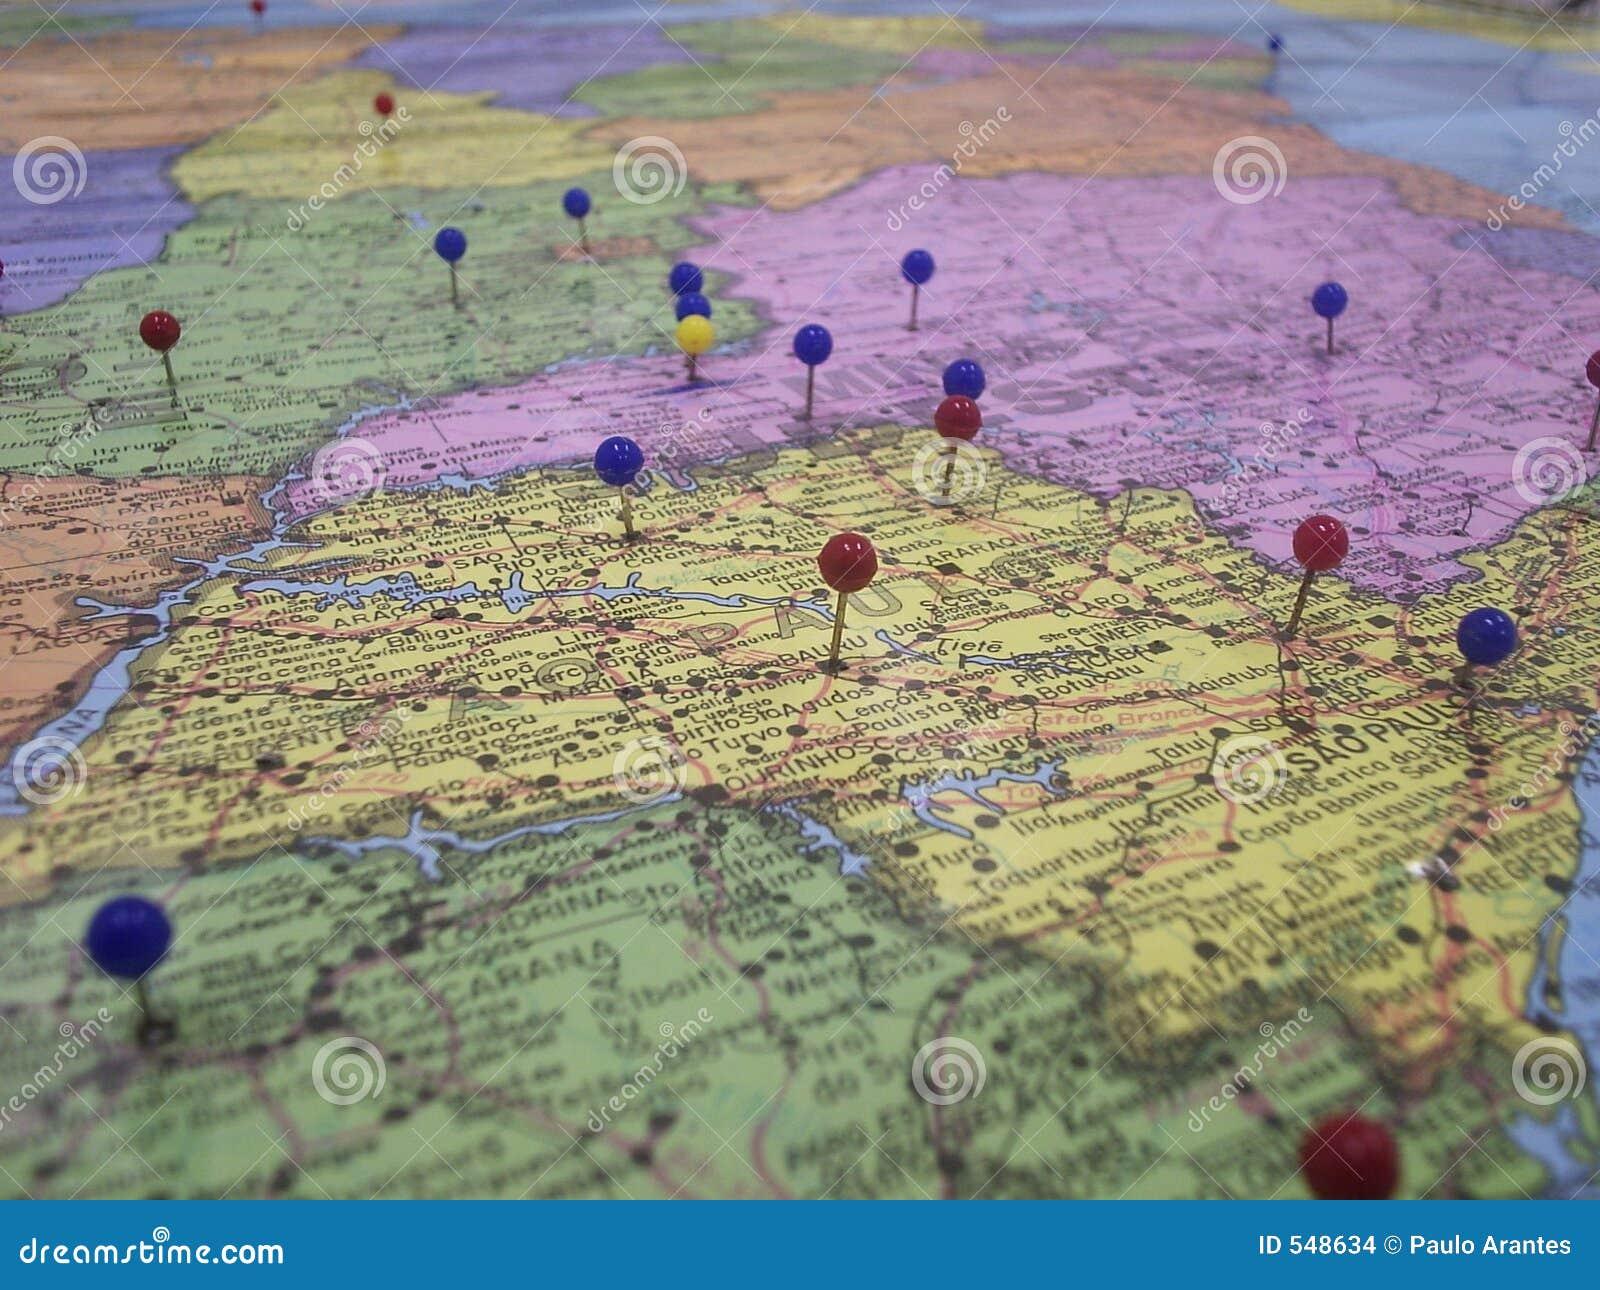 Mapa stategy